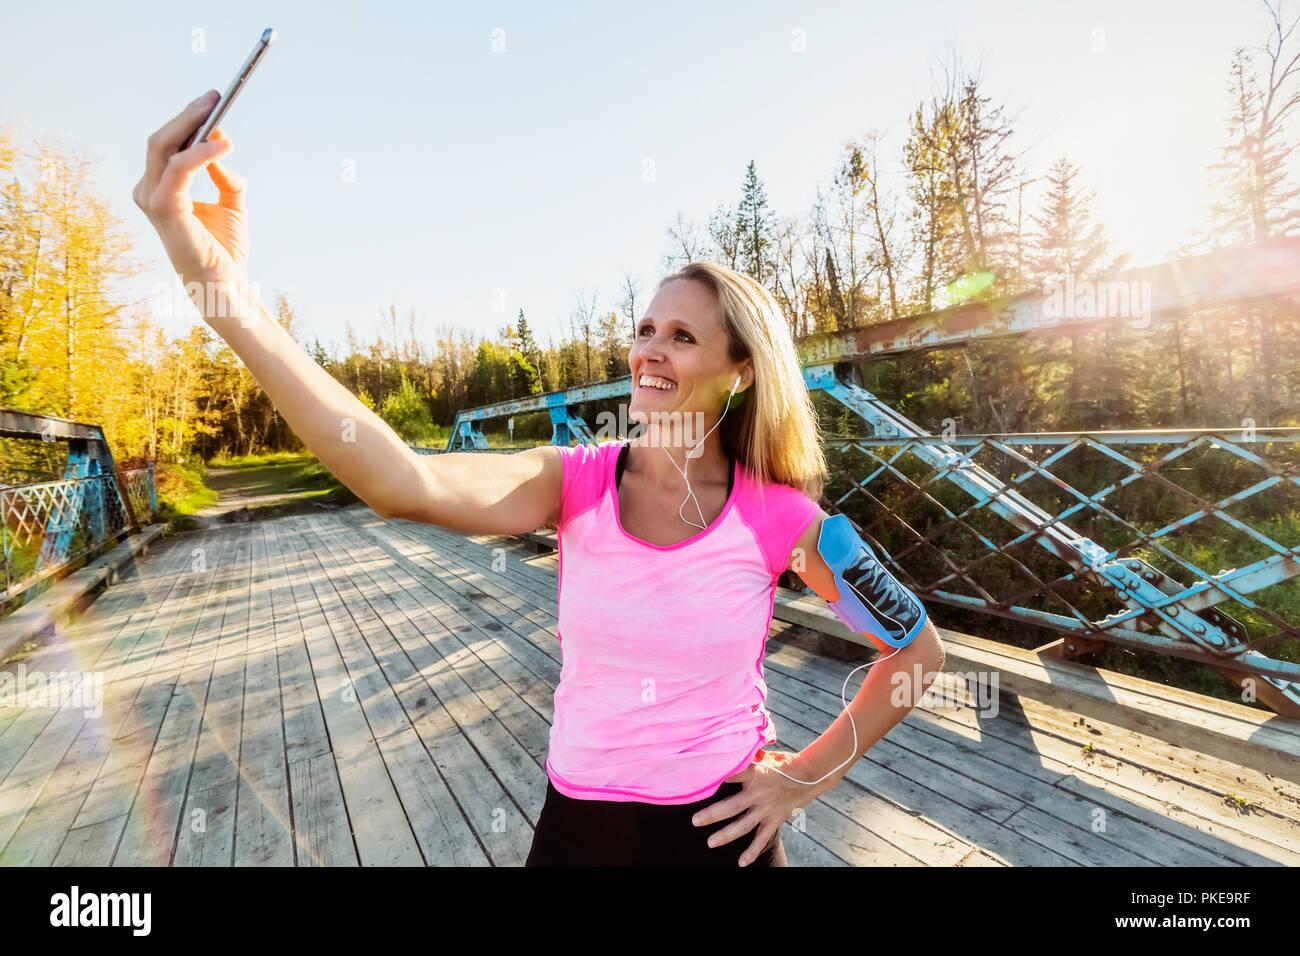 Una donna che indossa active wear e una fascia da braccio per il suo telefono cellulare si erge su un ponte in un parco in autunno prendendo un autoritratto con il suo telefono cellulare Immagini Stock